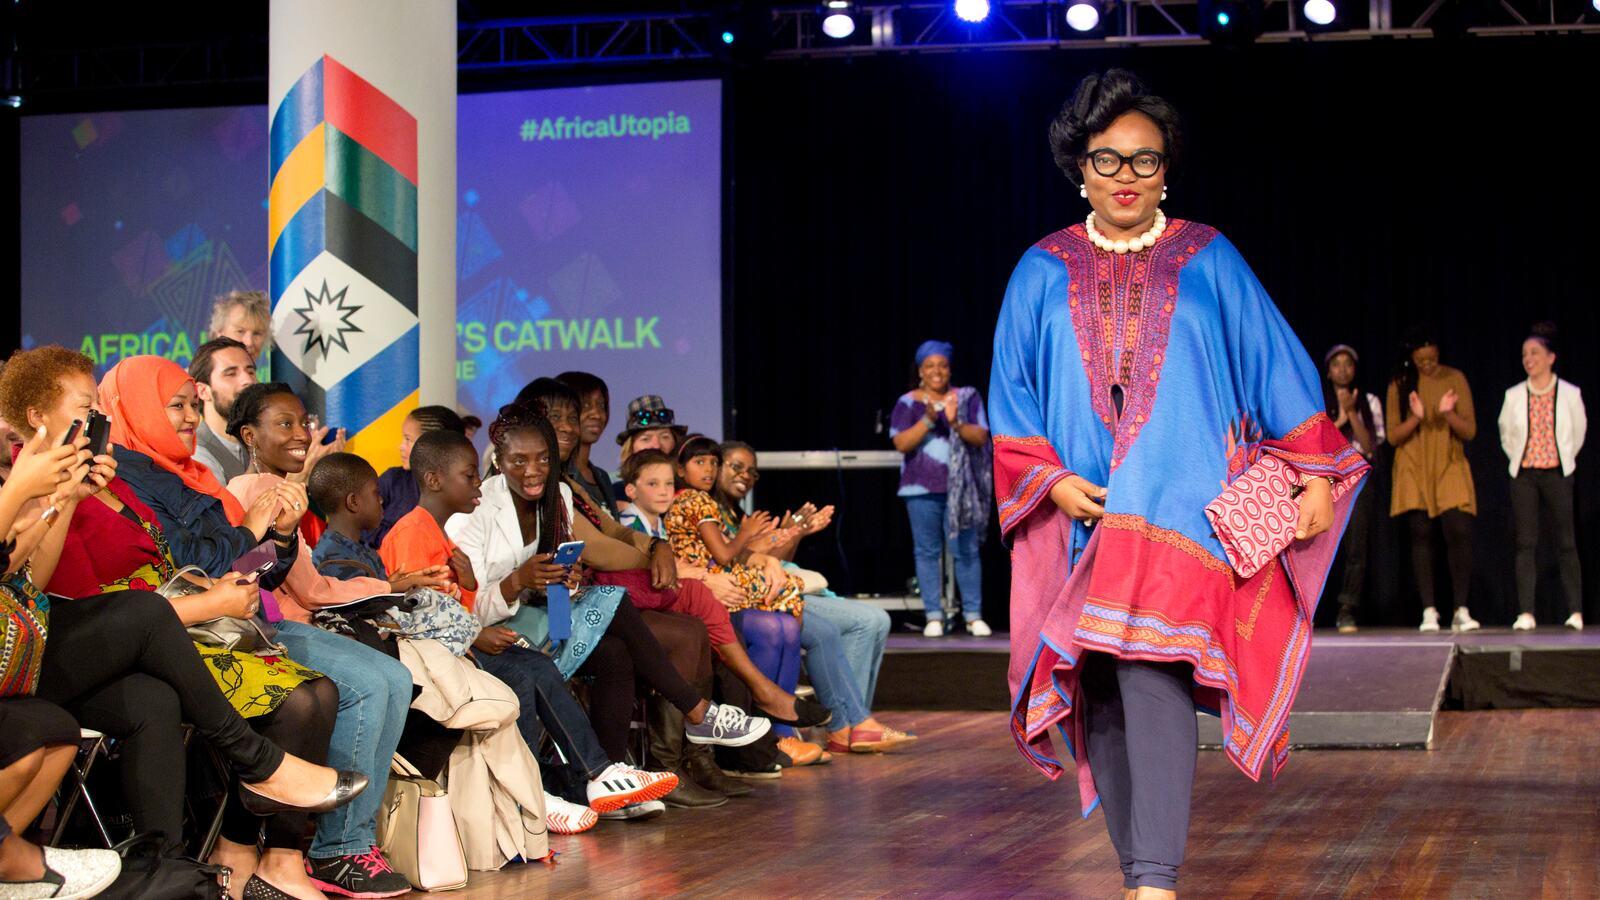 Africa Utopia Catwalk